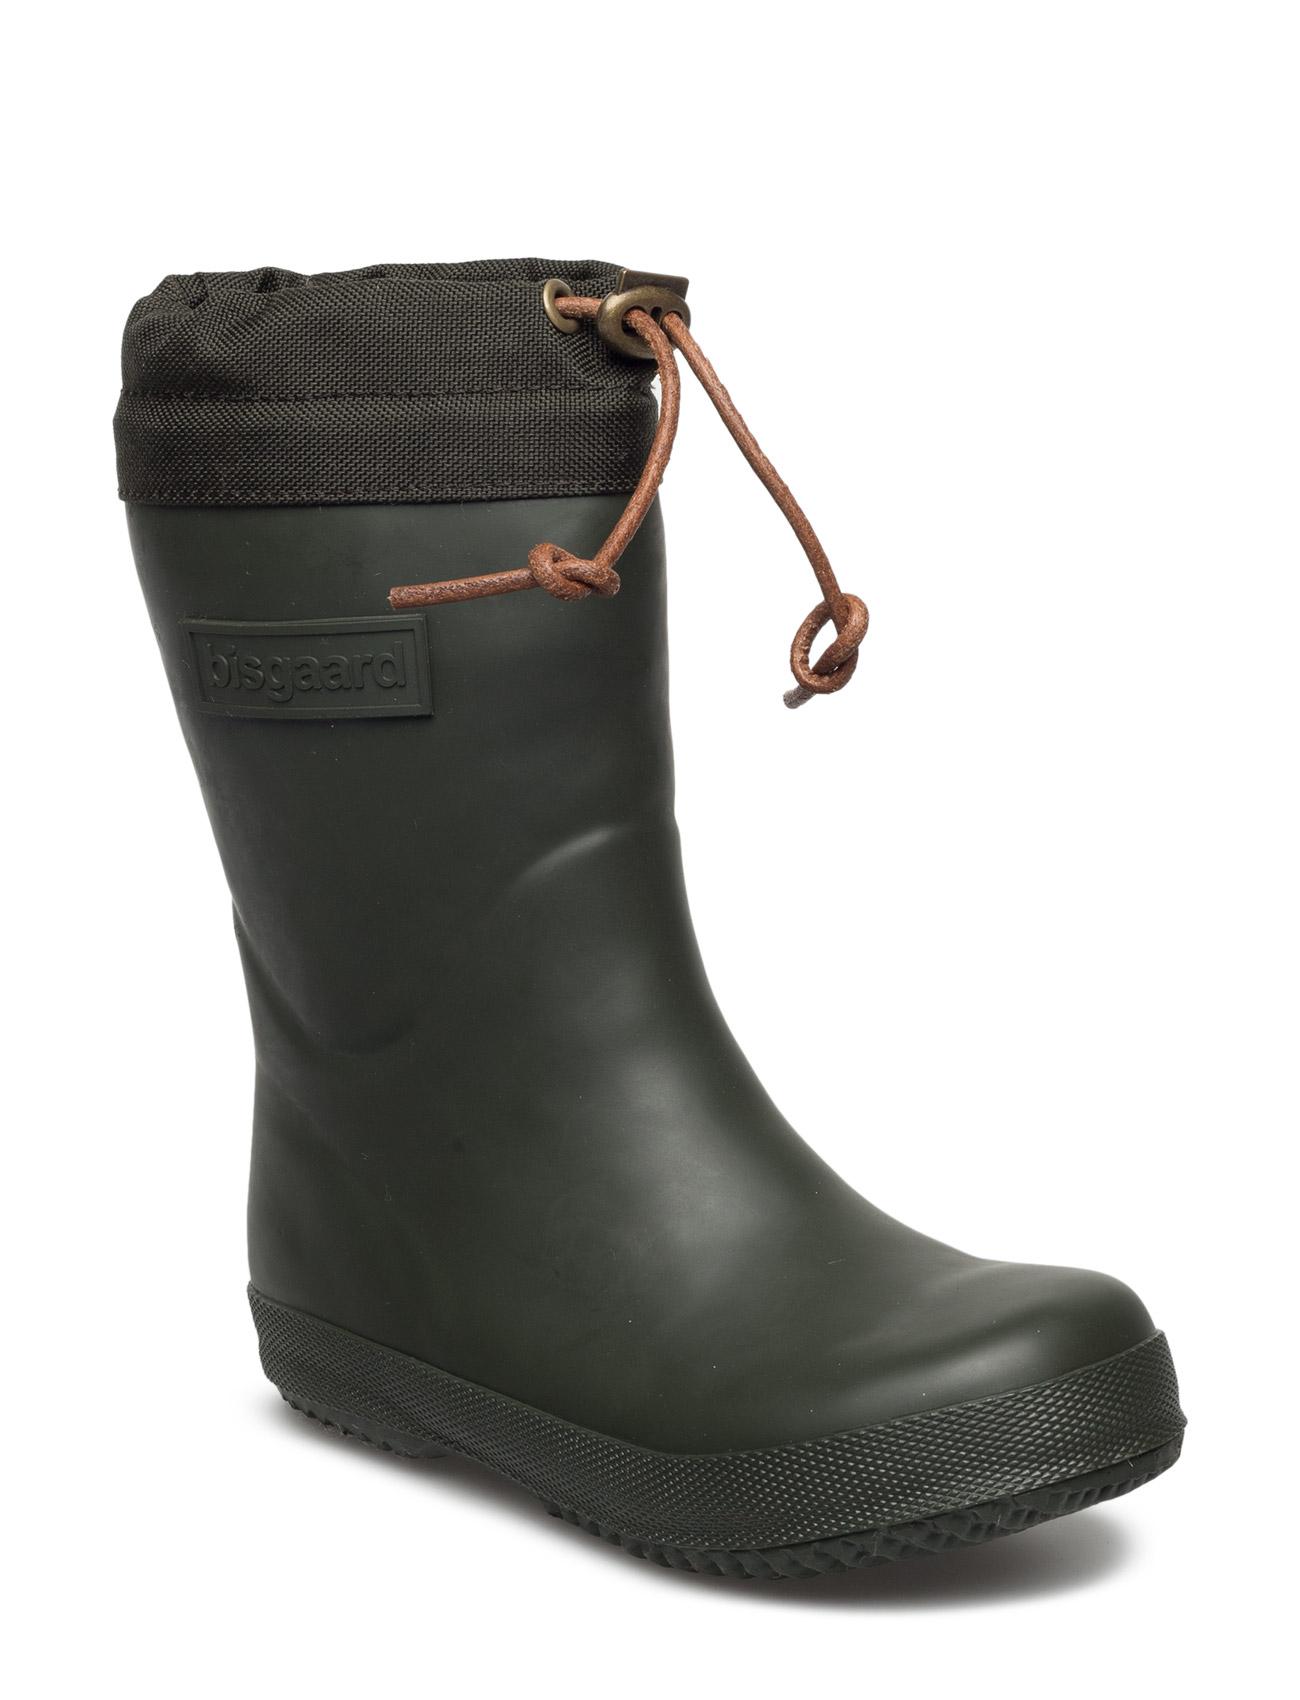 Rubber Boot -  Winter Thermo Bisgaard Gummistøvler til Børn i